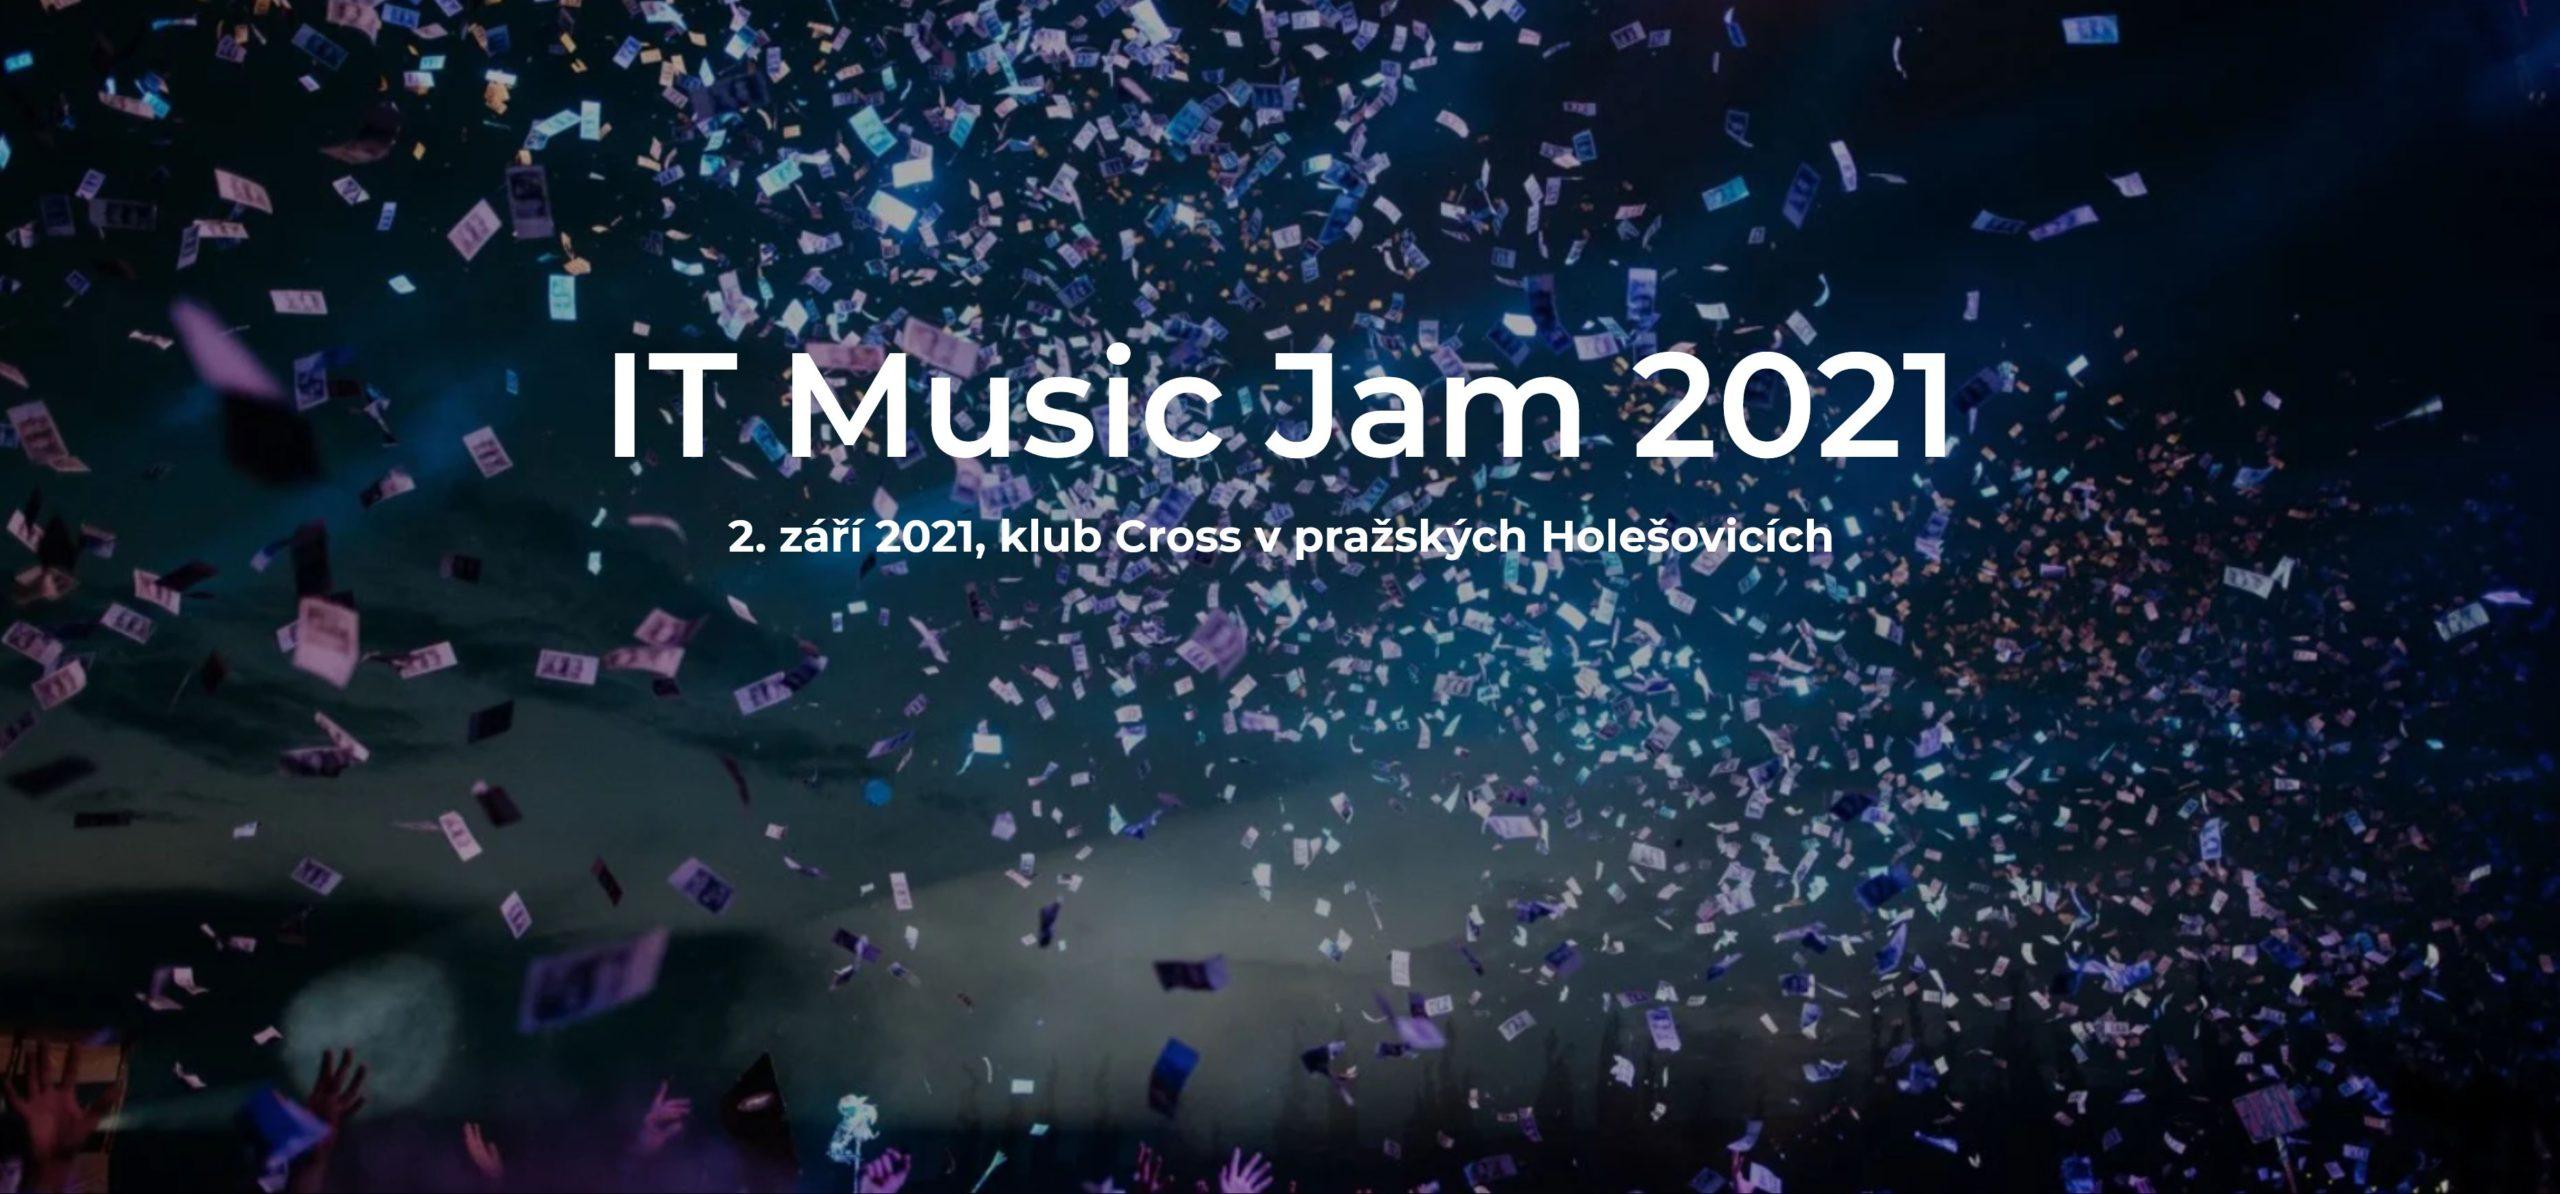 IT Music Jam 2021